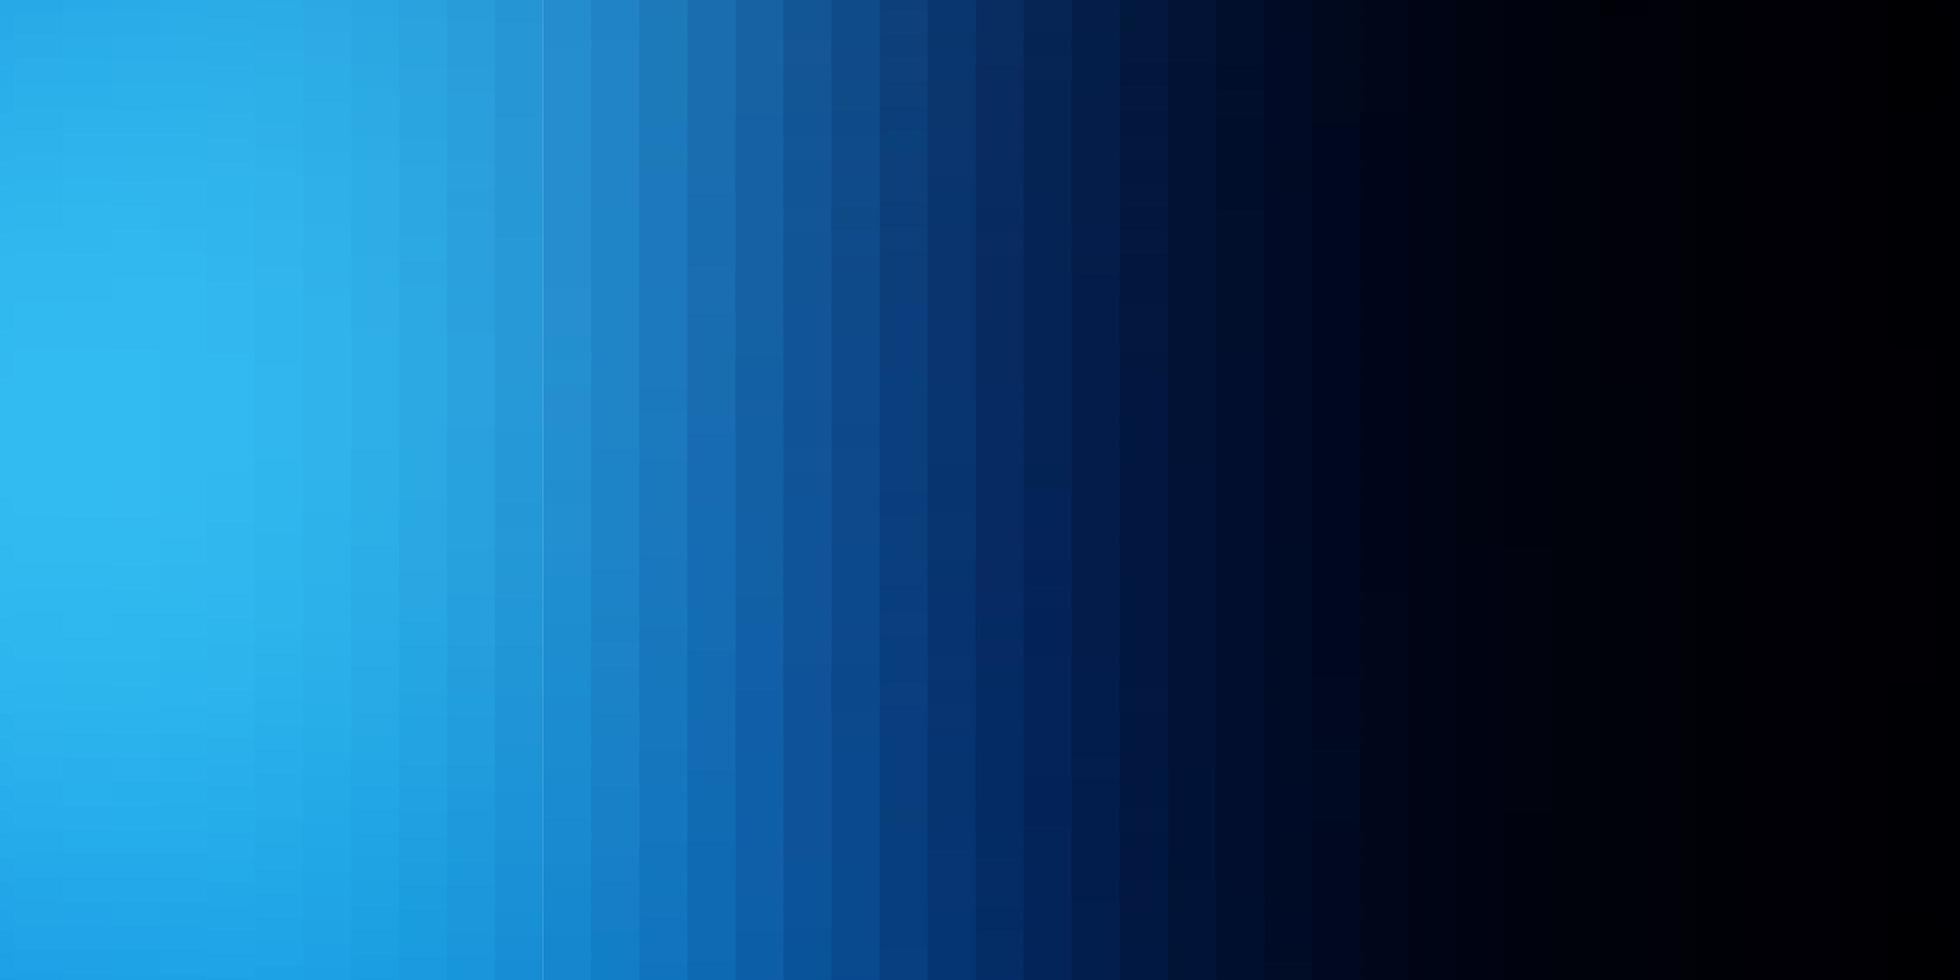 layout de vetor de azul escuro com linhas, retângulos.